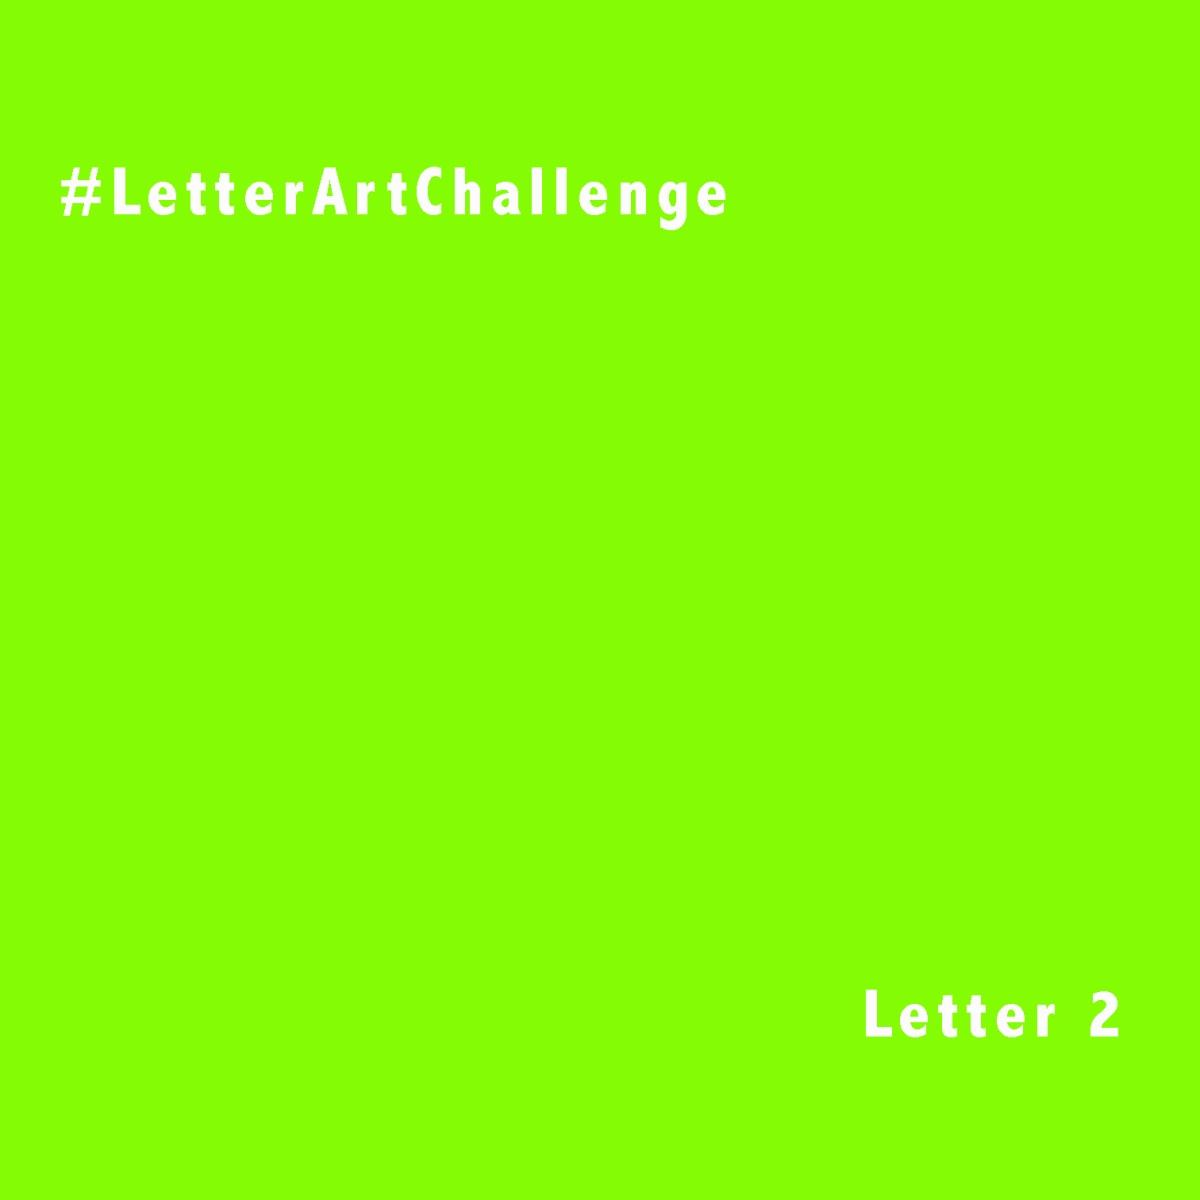 #LetterArtChallenge - Letter 2